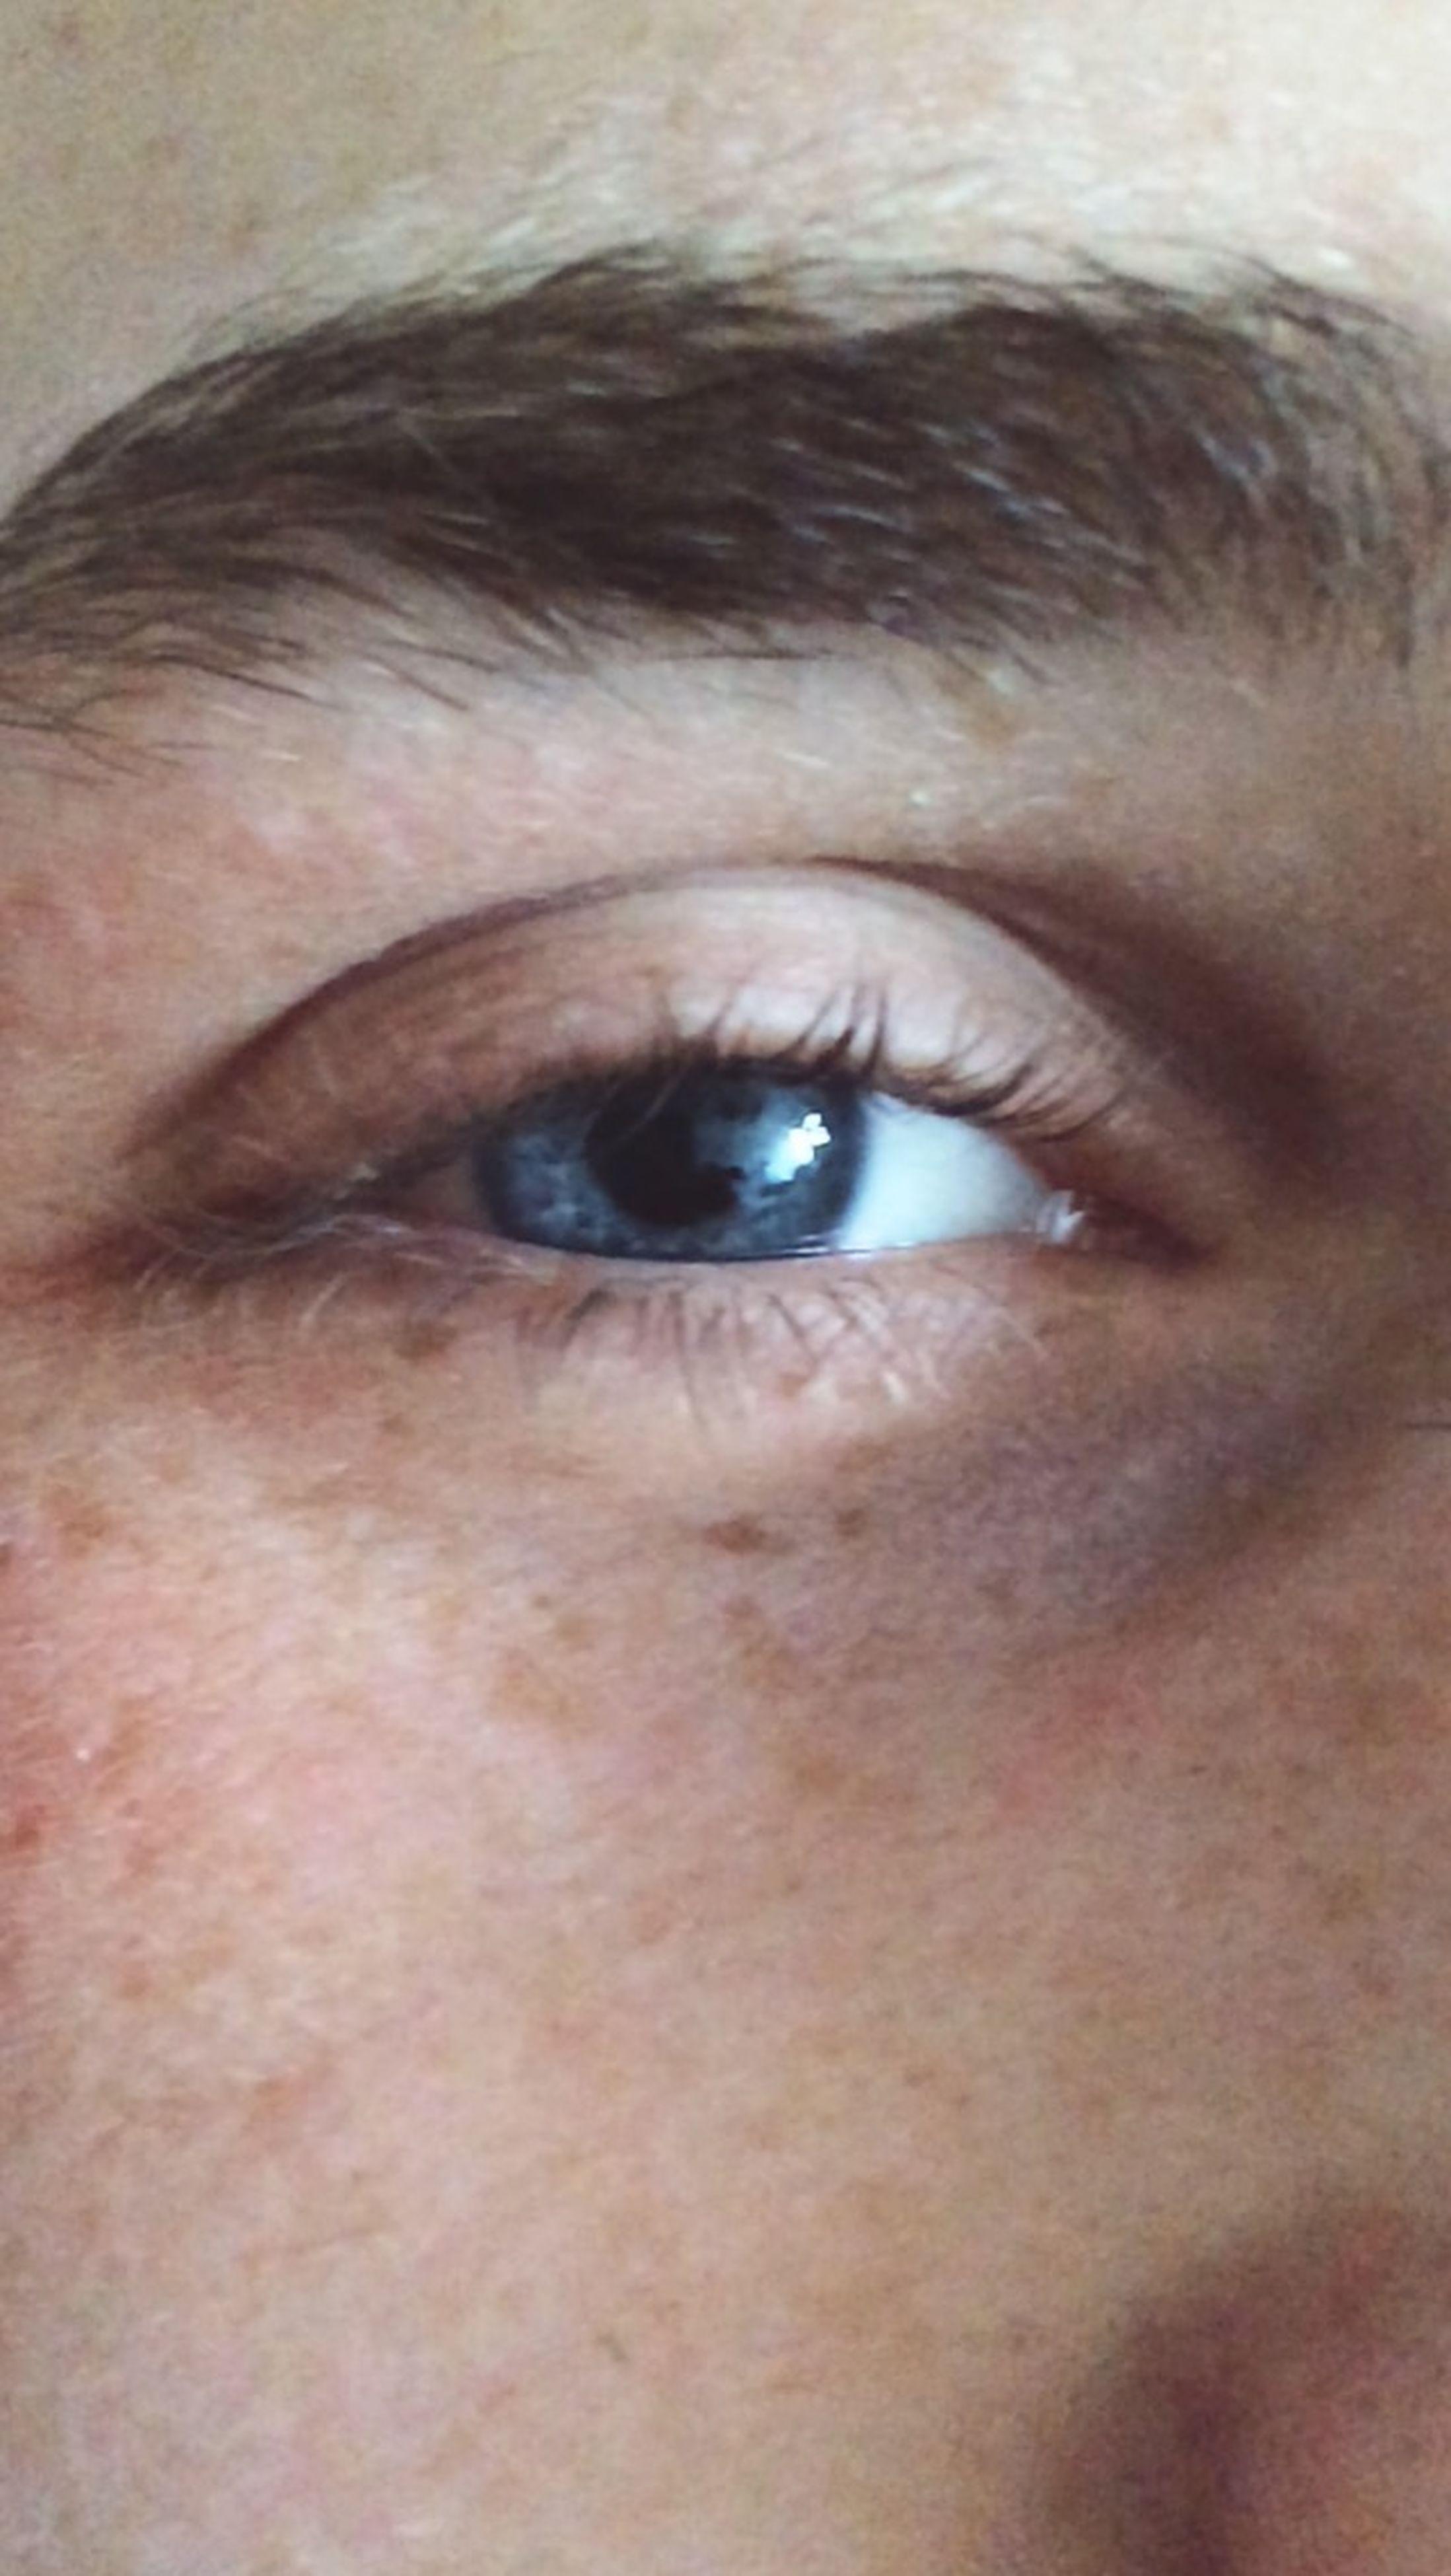 human eye, close-up, eyelash, part of, human skin, human face, eyesight, sensory perception, indoors, lifestyles, extreme close-up, headshot, full frame, portrait, looking at camera, iris - eye, extreme close up